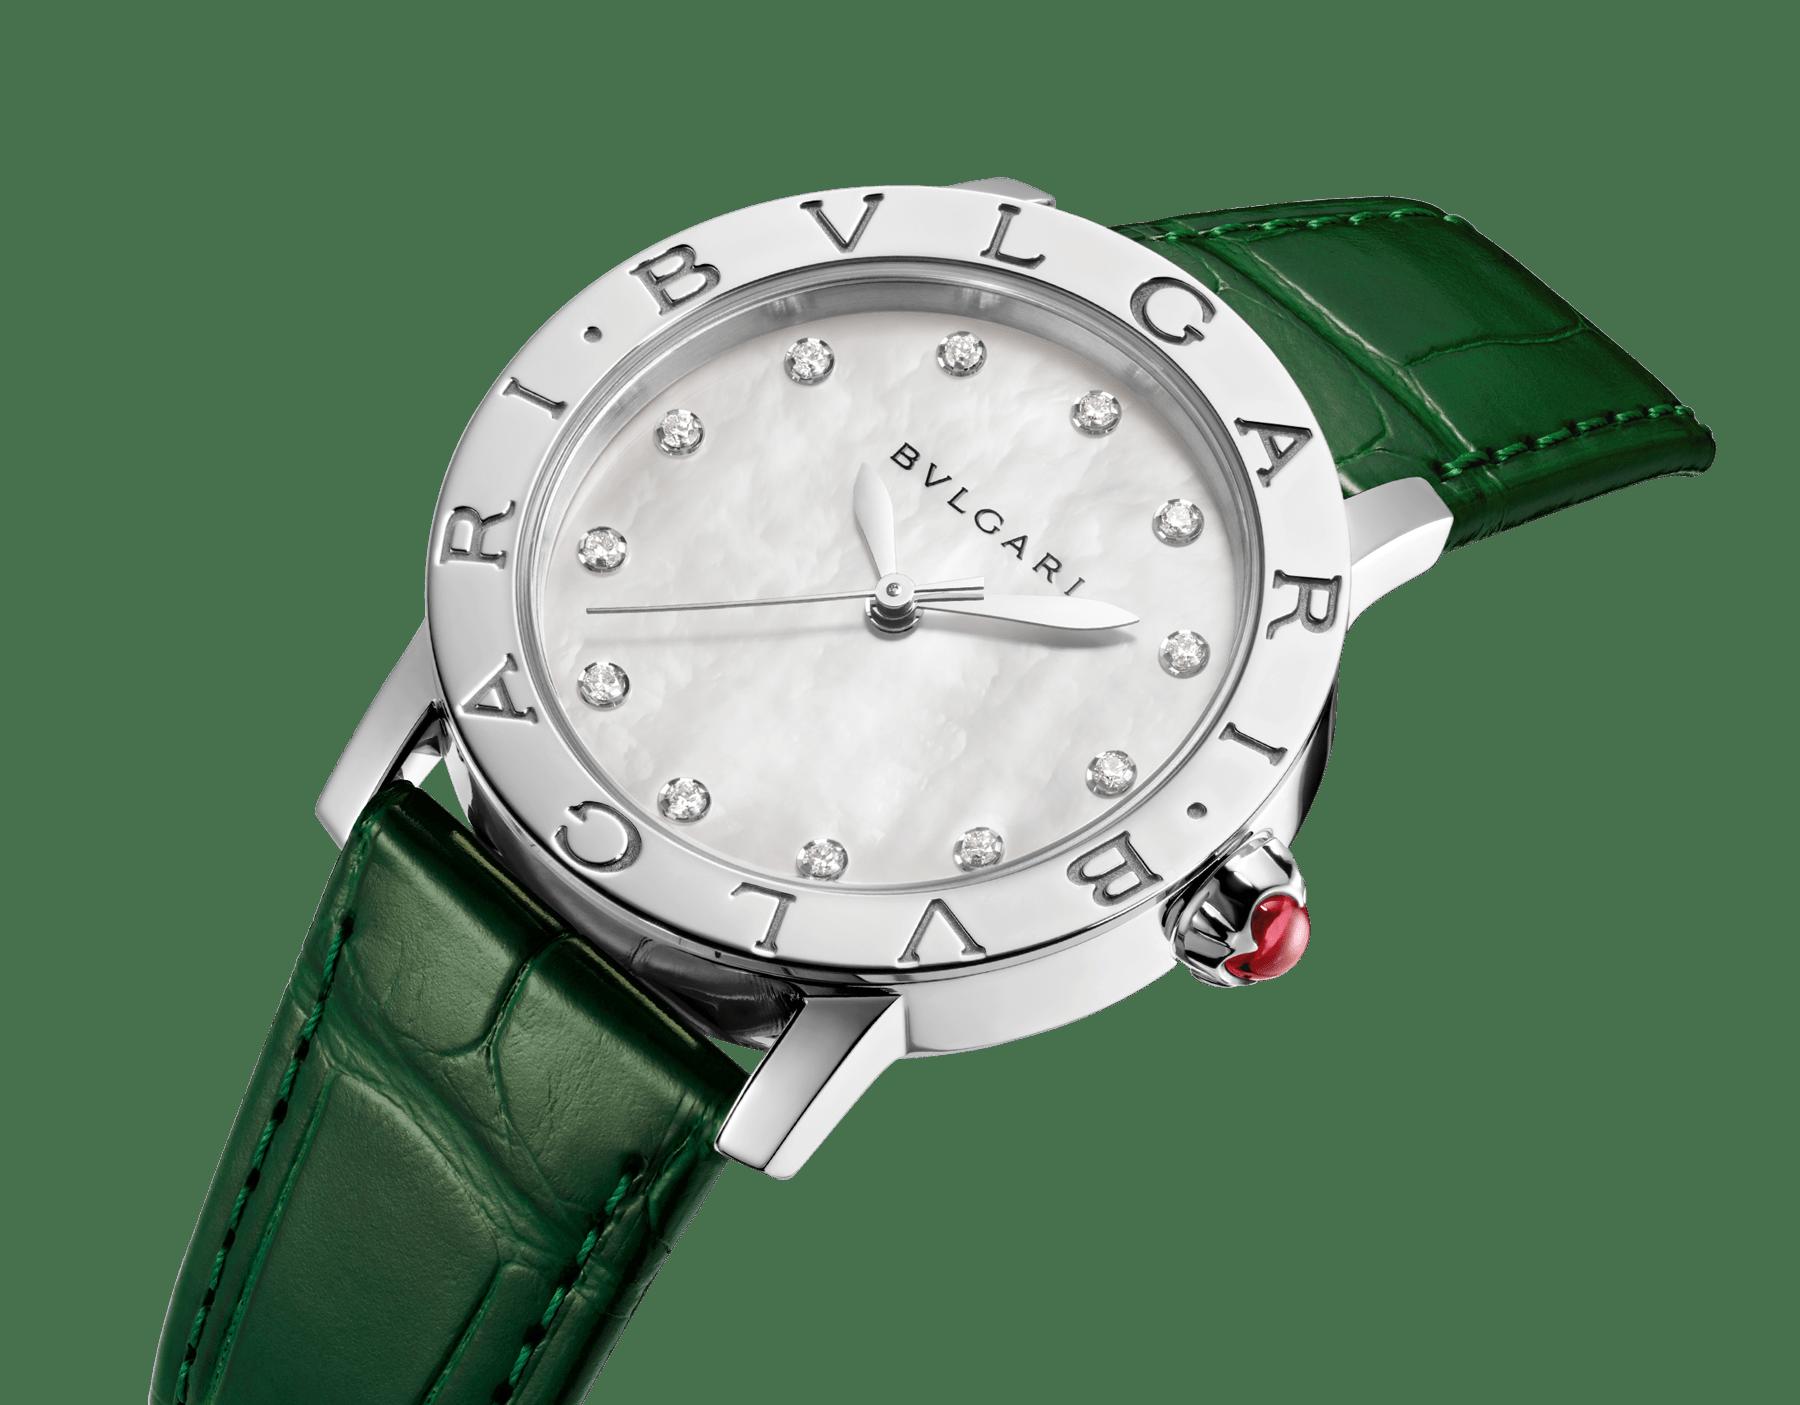 BVLGARI BVLGARI Uhr mit Gehäuse aus Edelstahl, weißem Perlmuttzifferblatt, Diamantindizes und Armband aus glänzend grünem Alligatorleder 102746 image 2